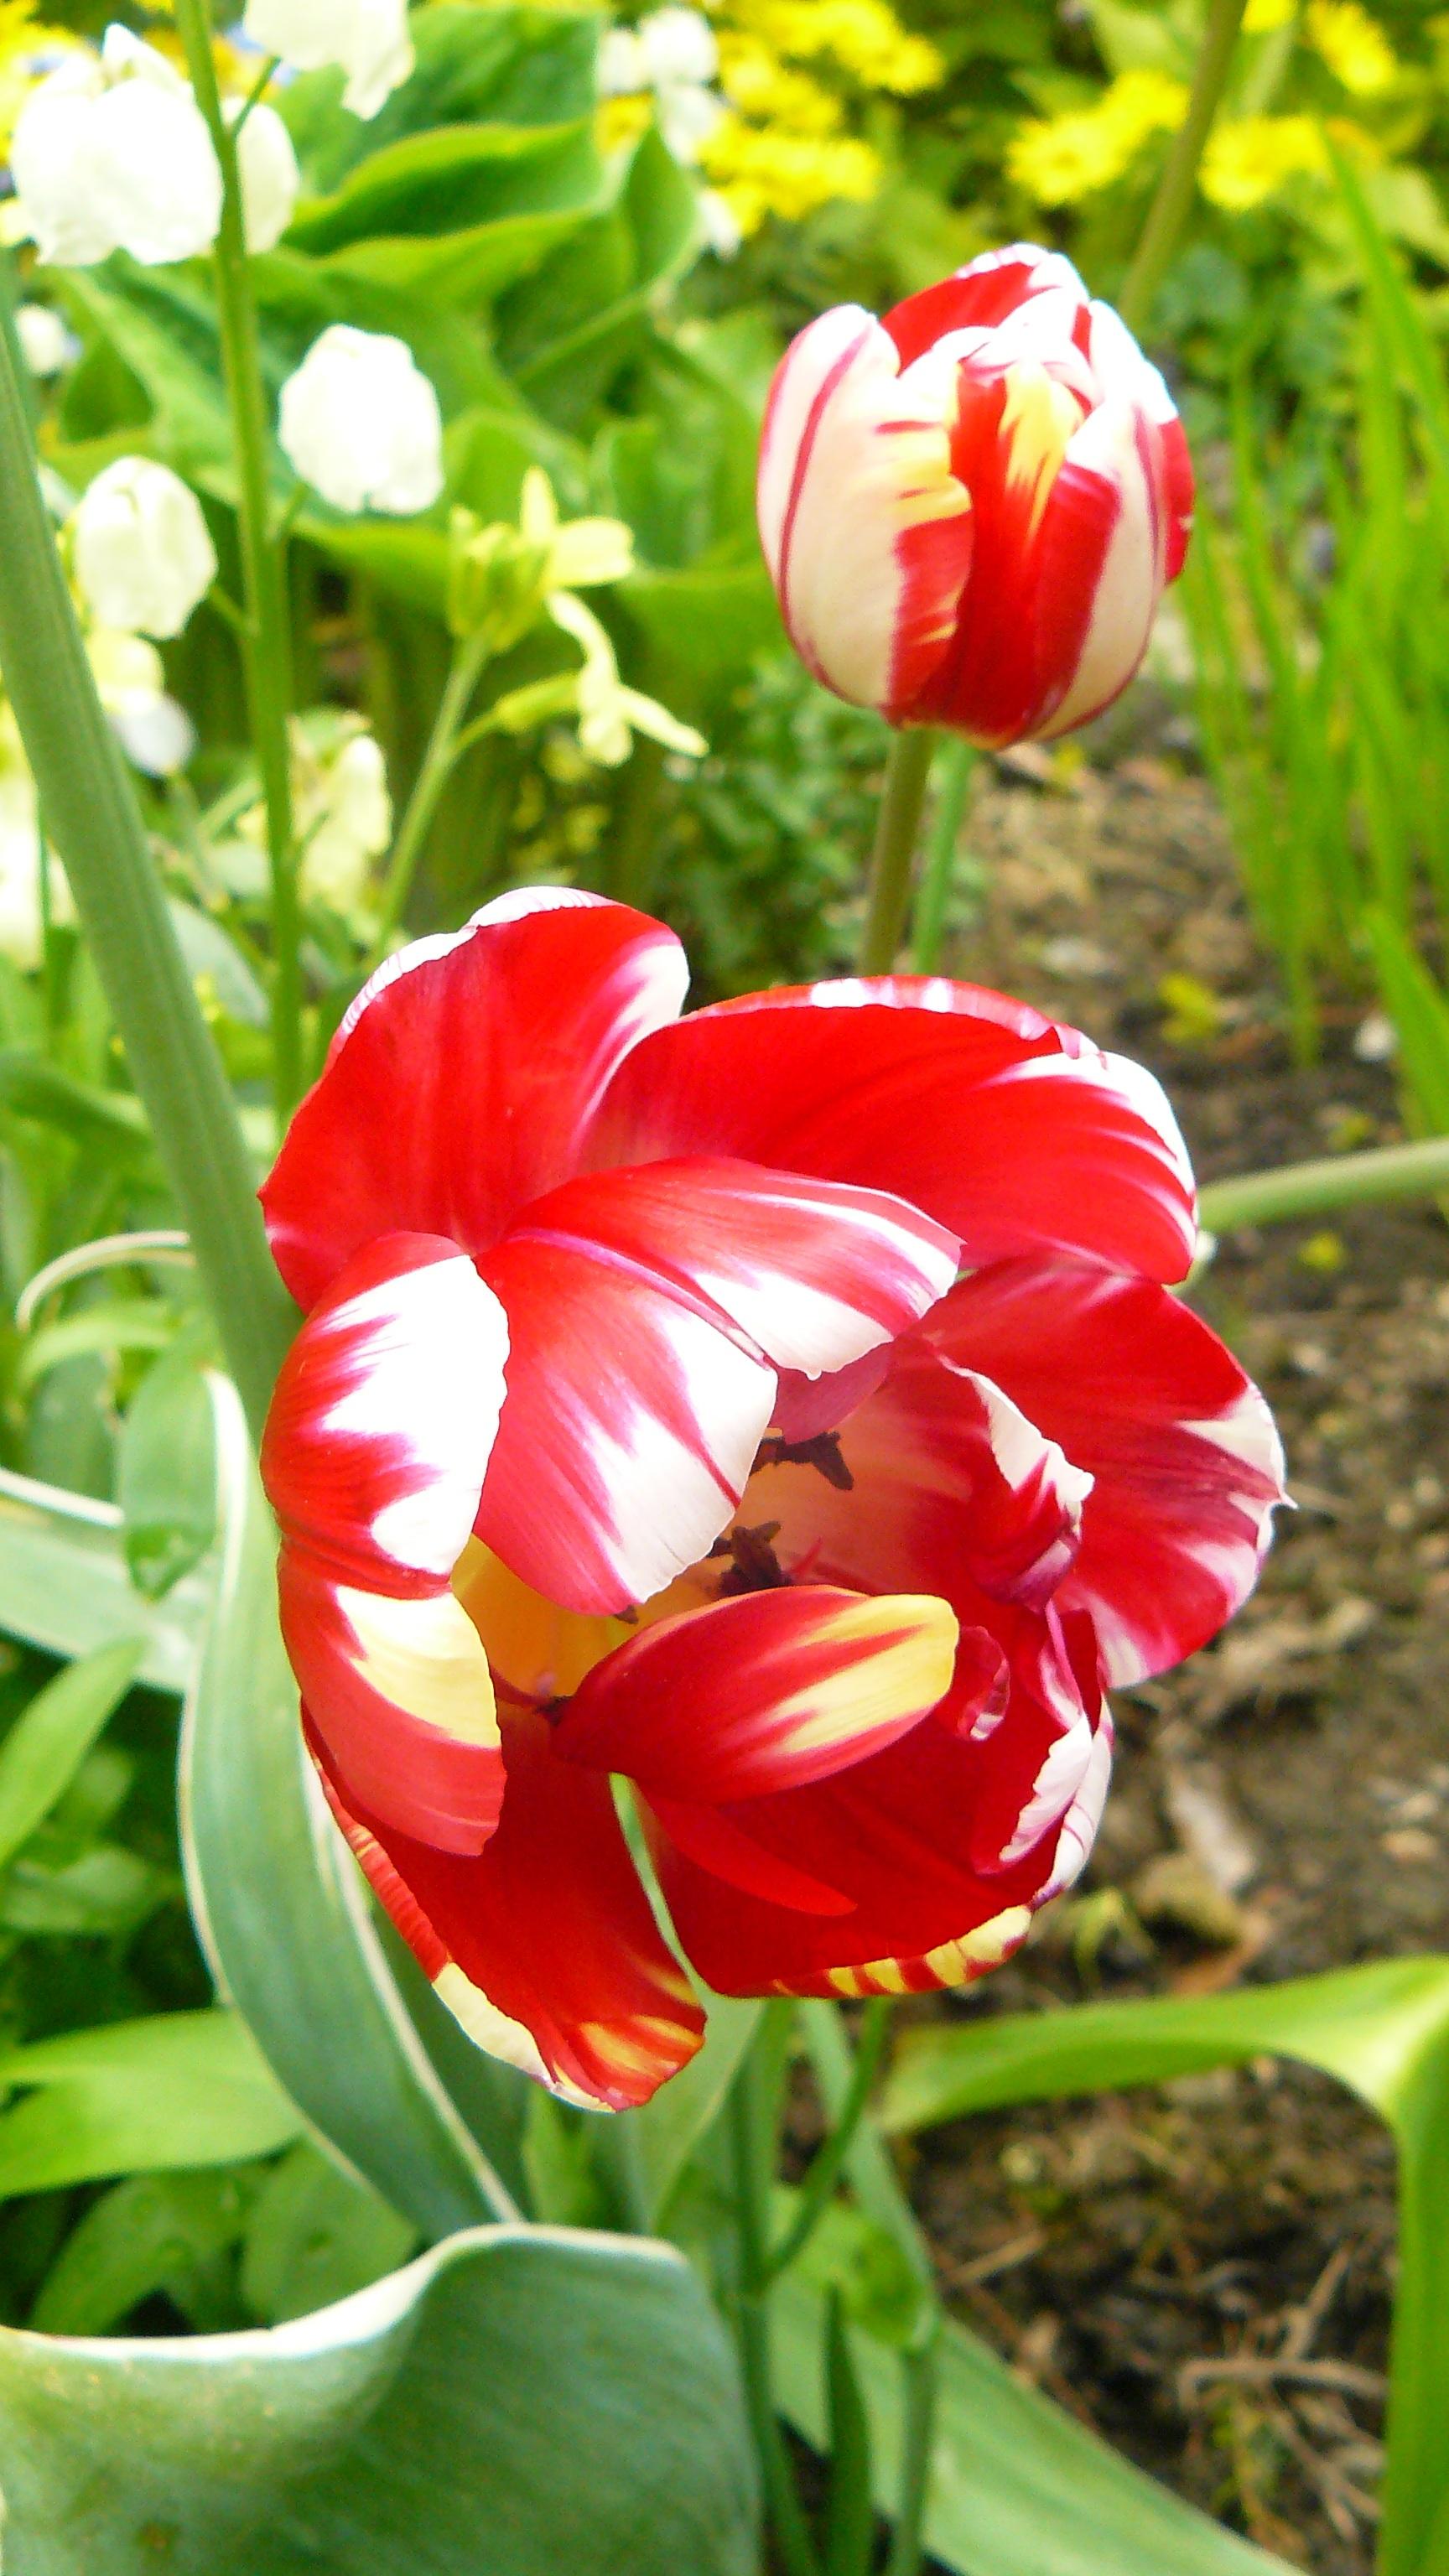 Free Images : nature, white, stem, leaf, flower, petal, bloom ...